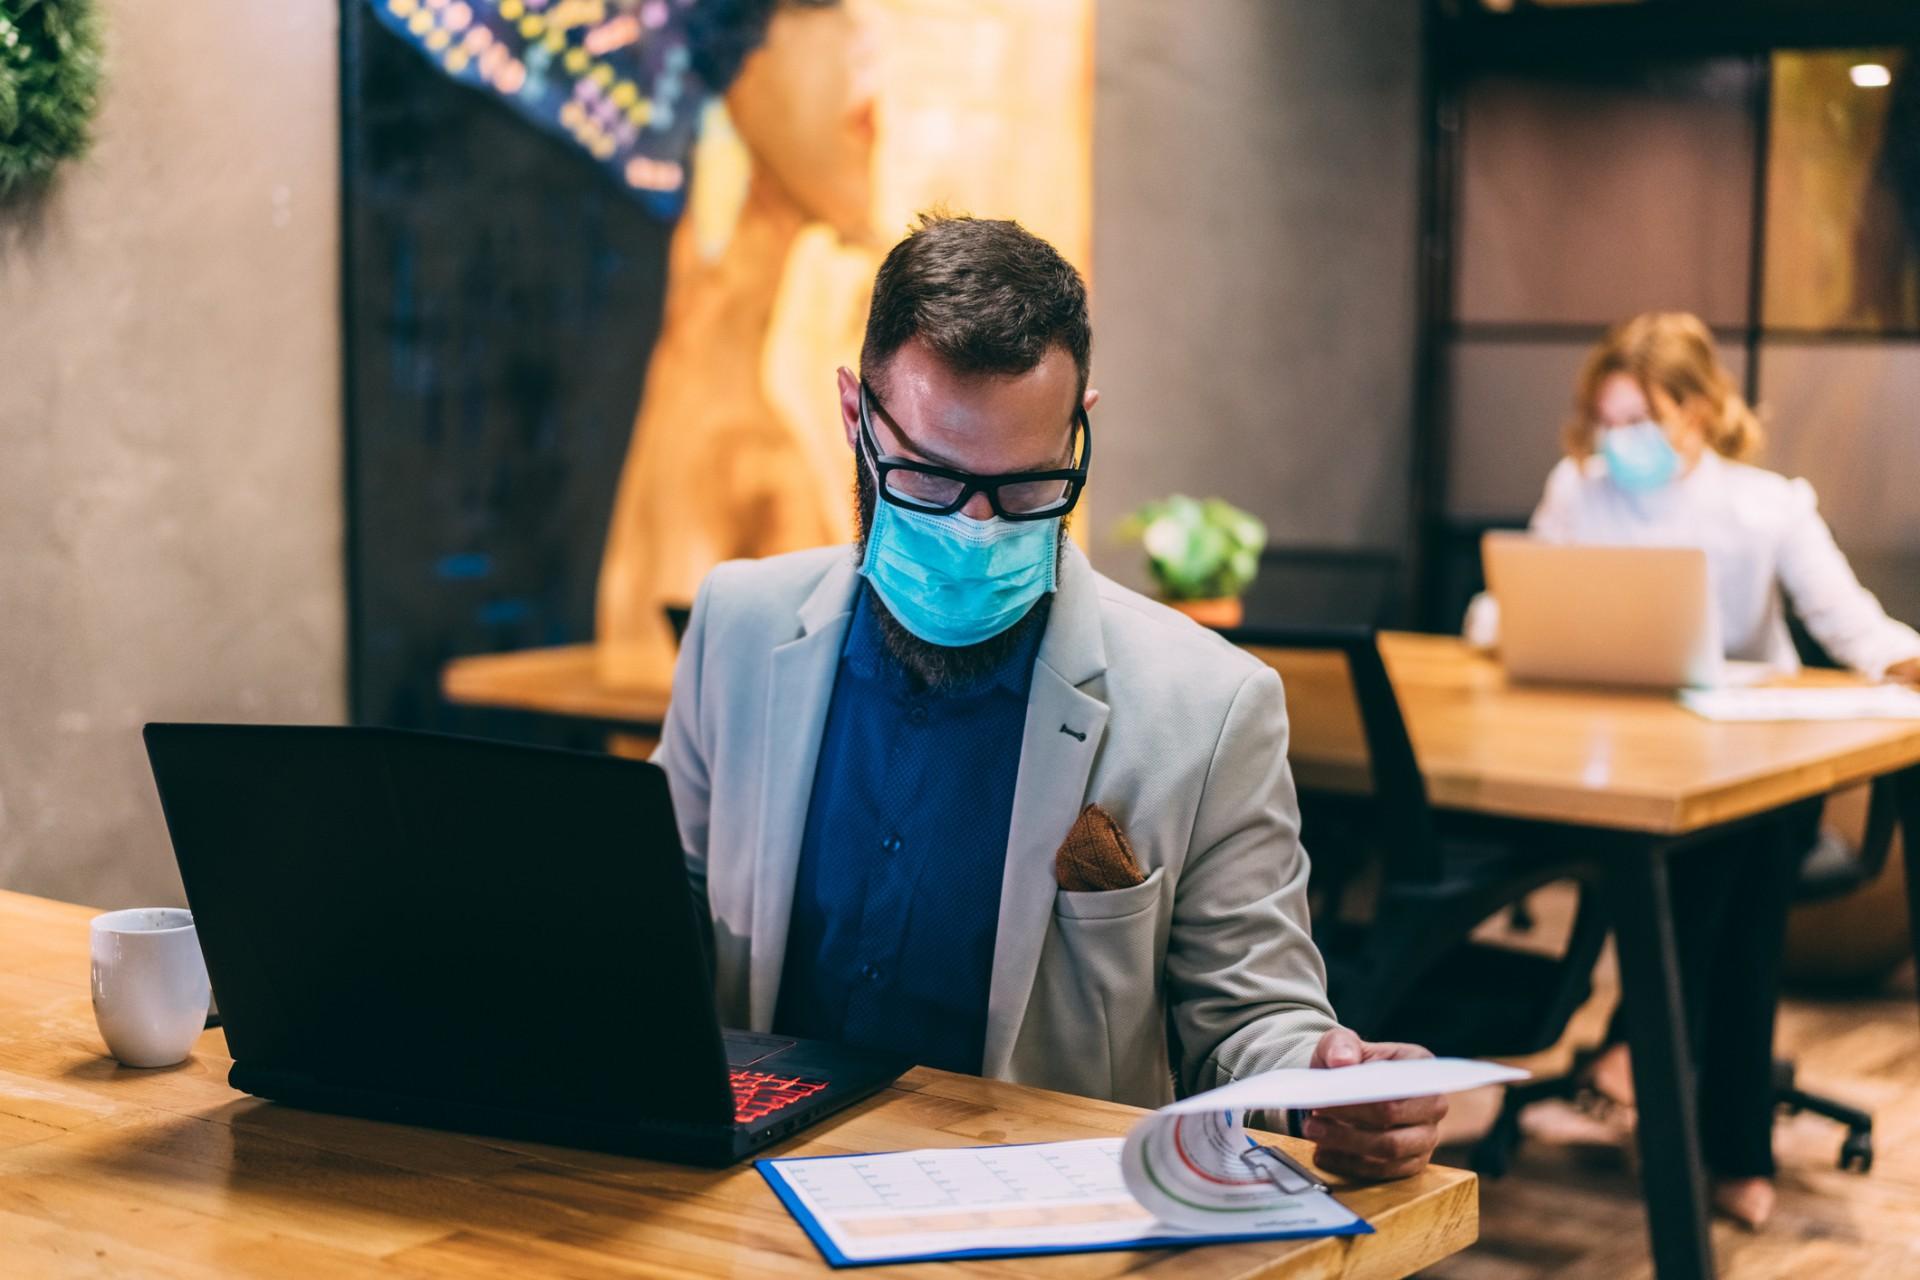 """O trabalho sob ponto de vista emocional será tema de palestra no """"WEBINAR Saúde e Segurança no Trabalho: A Retomada Pós-Pandemia"""", no próximo dia 7 de dezembro"""